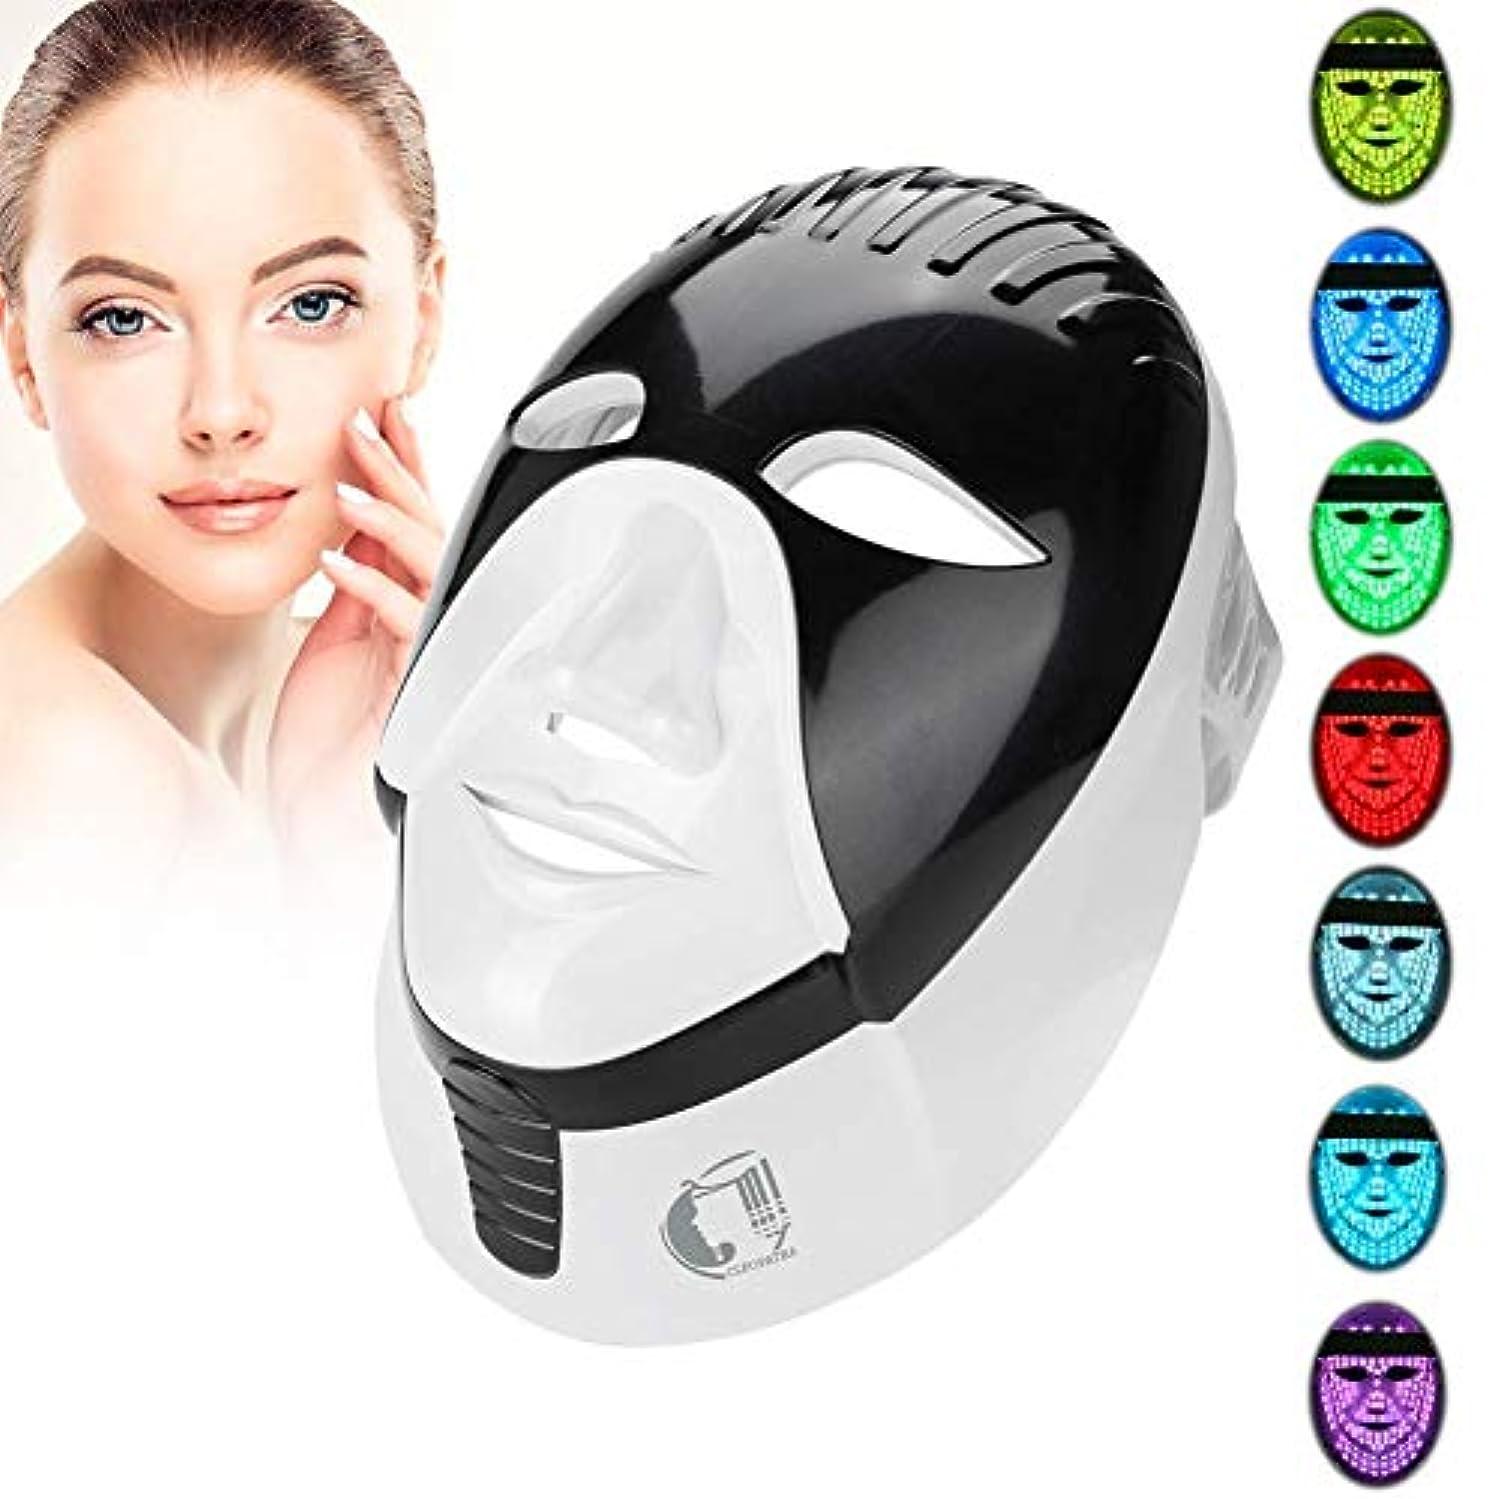 祖先レギュラー当社フォトンセラピー7色マスク、毎日のスキンケアの若返りにきびとしわの除去のための美光療法フェイシャル